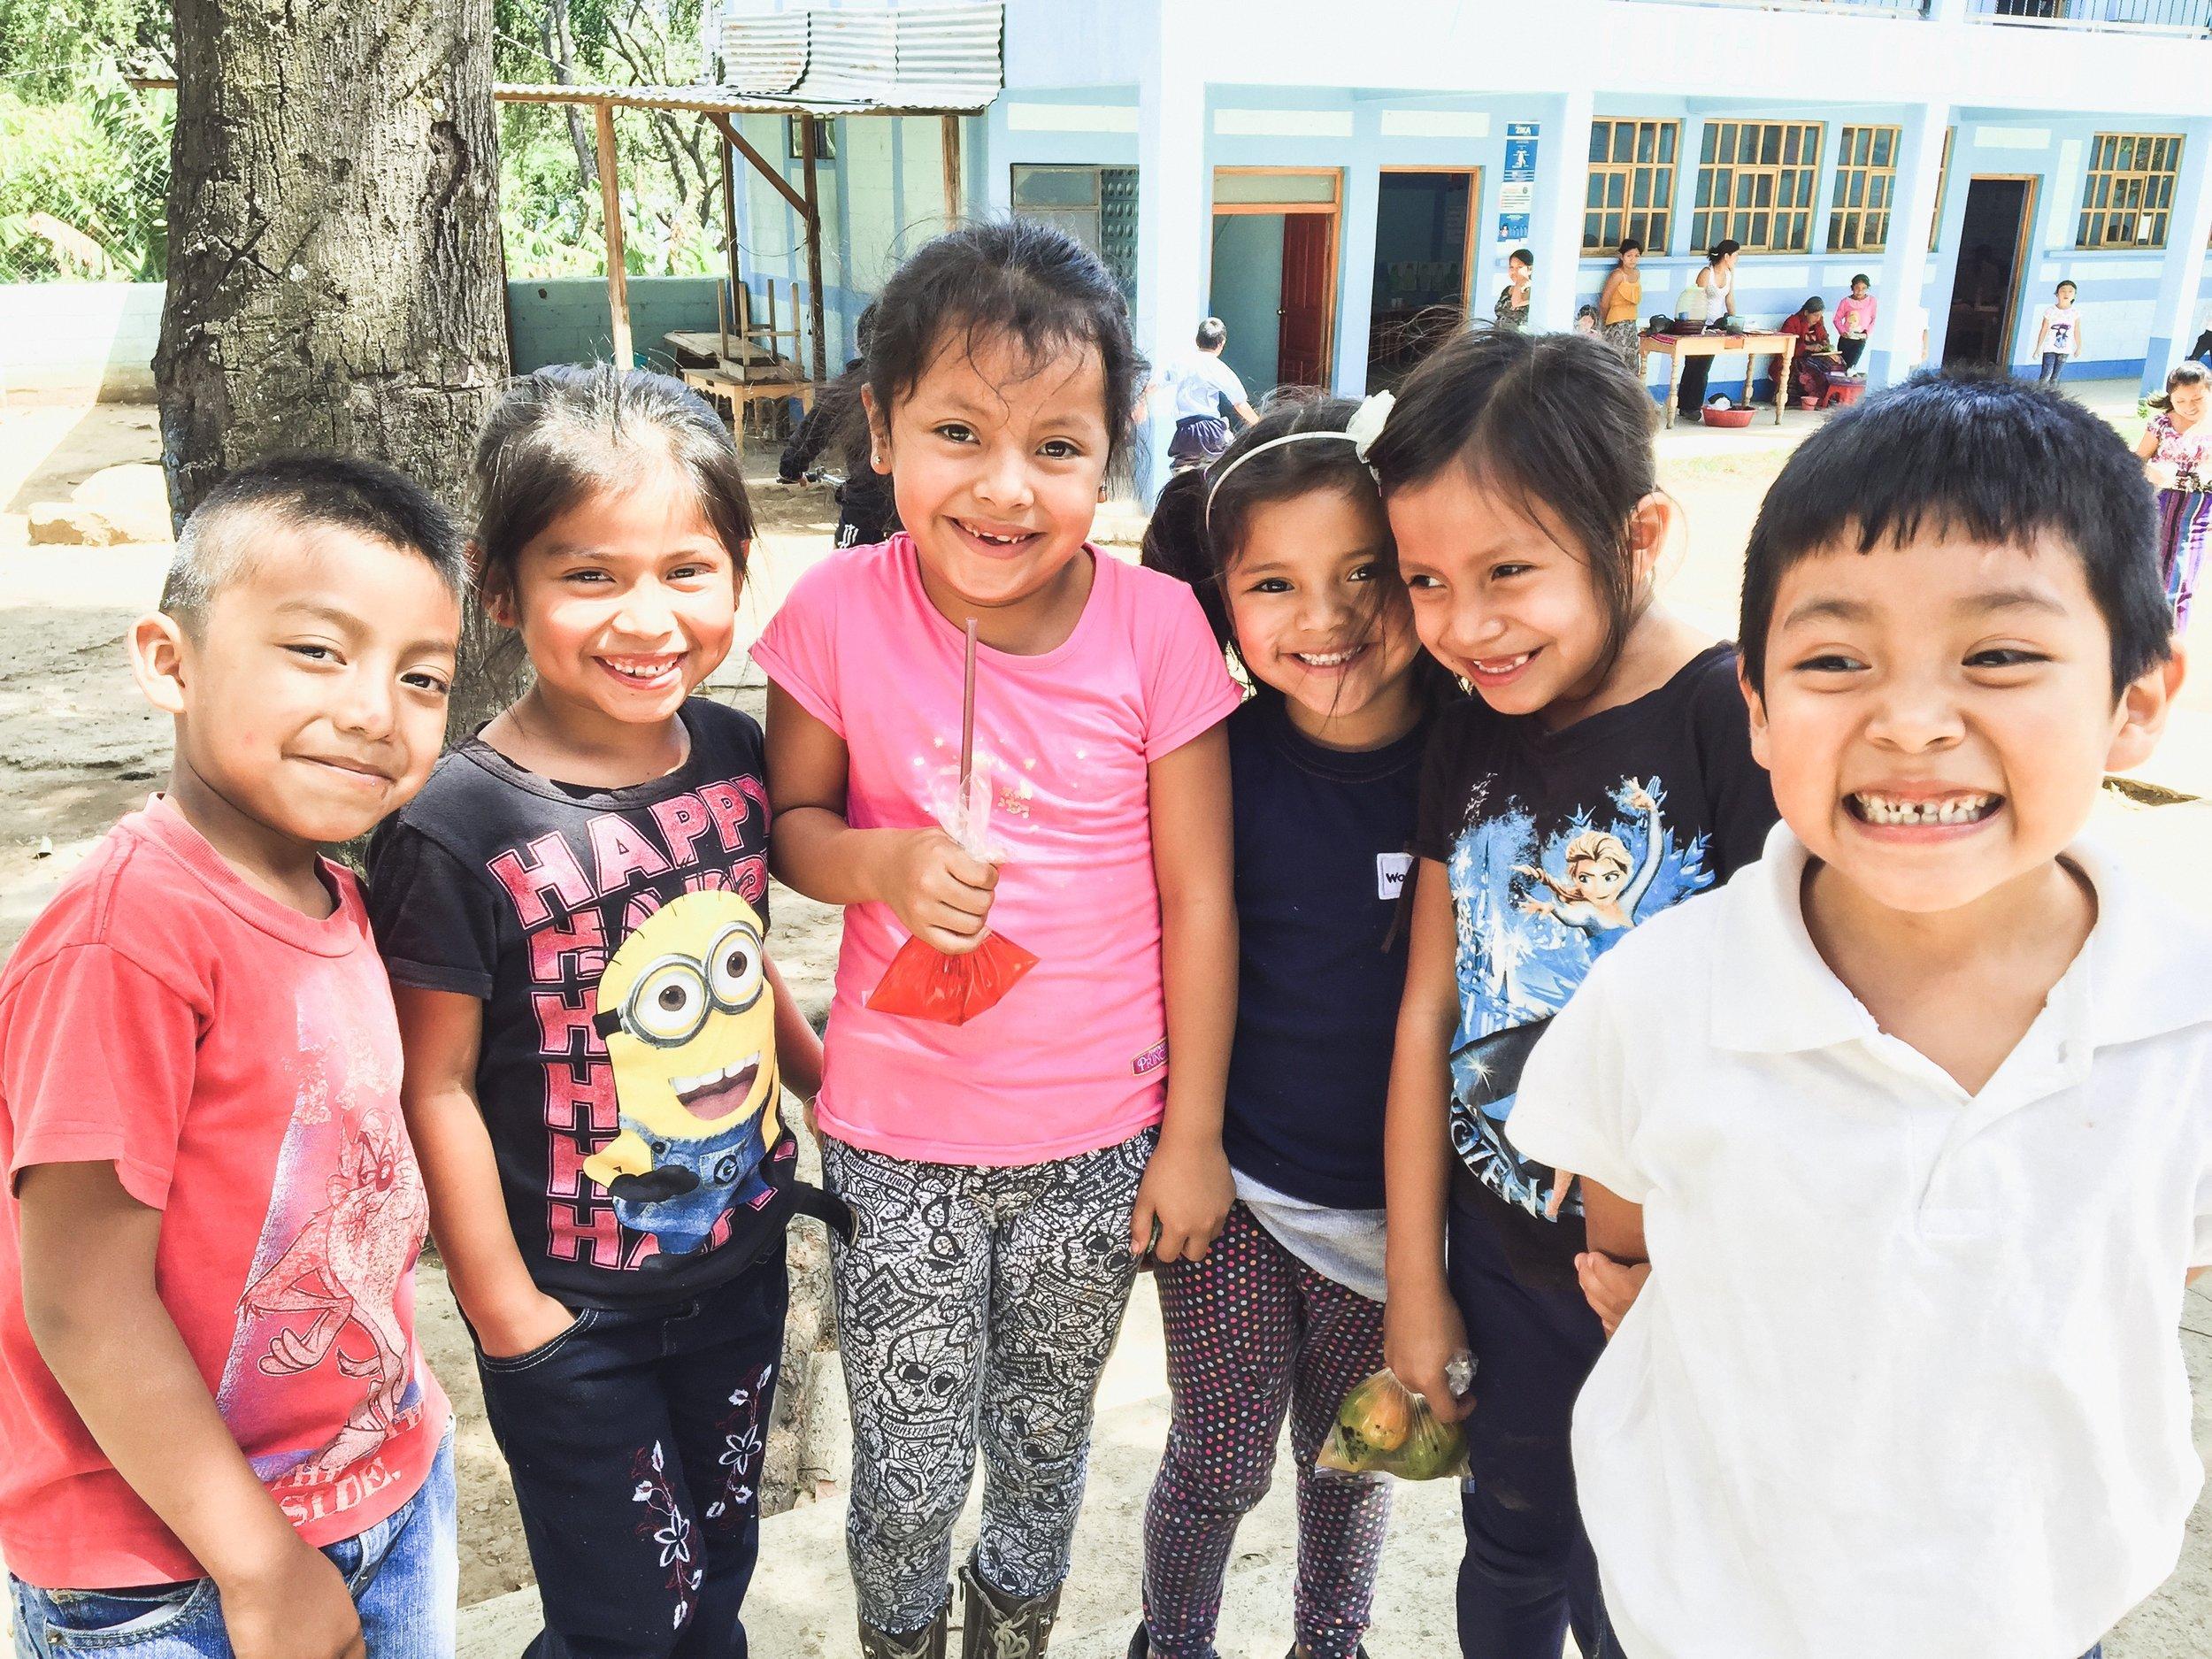 Preschool_kids_grinningEDITED.jpg